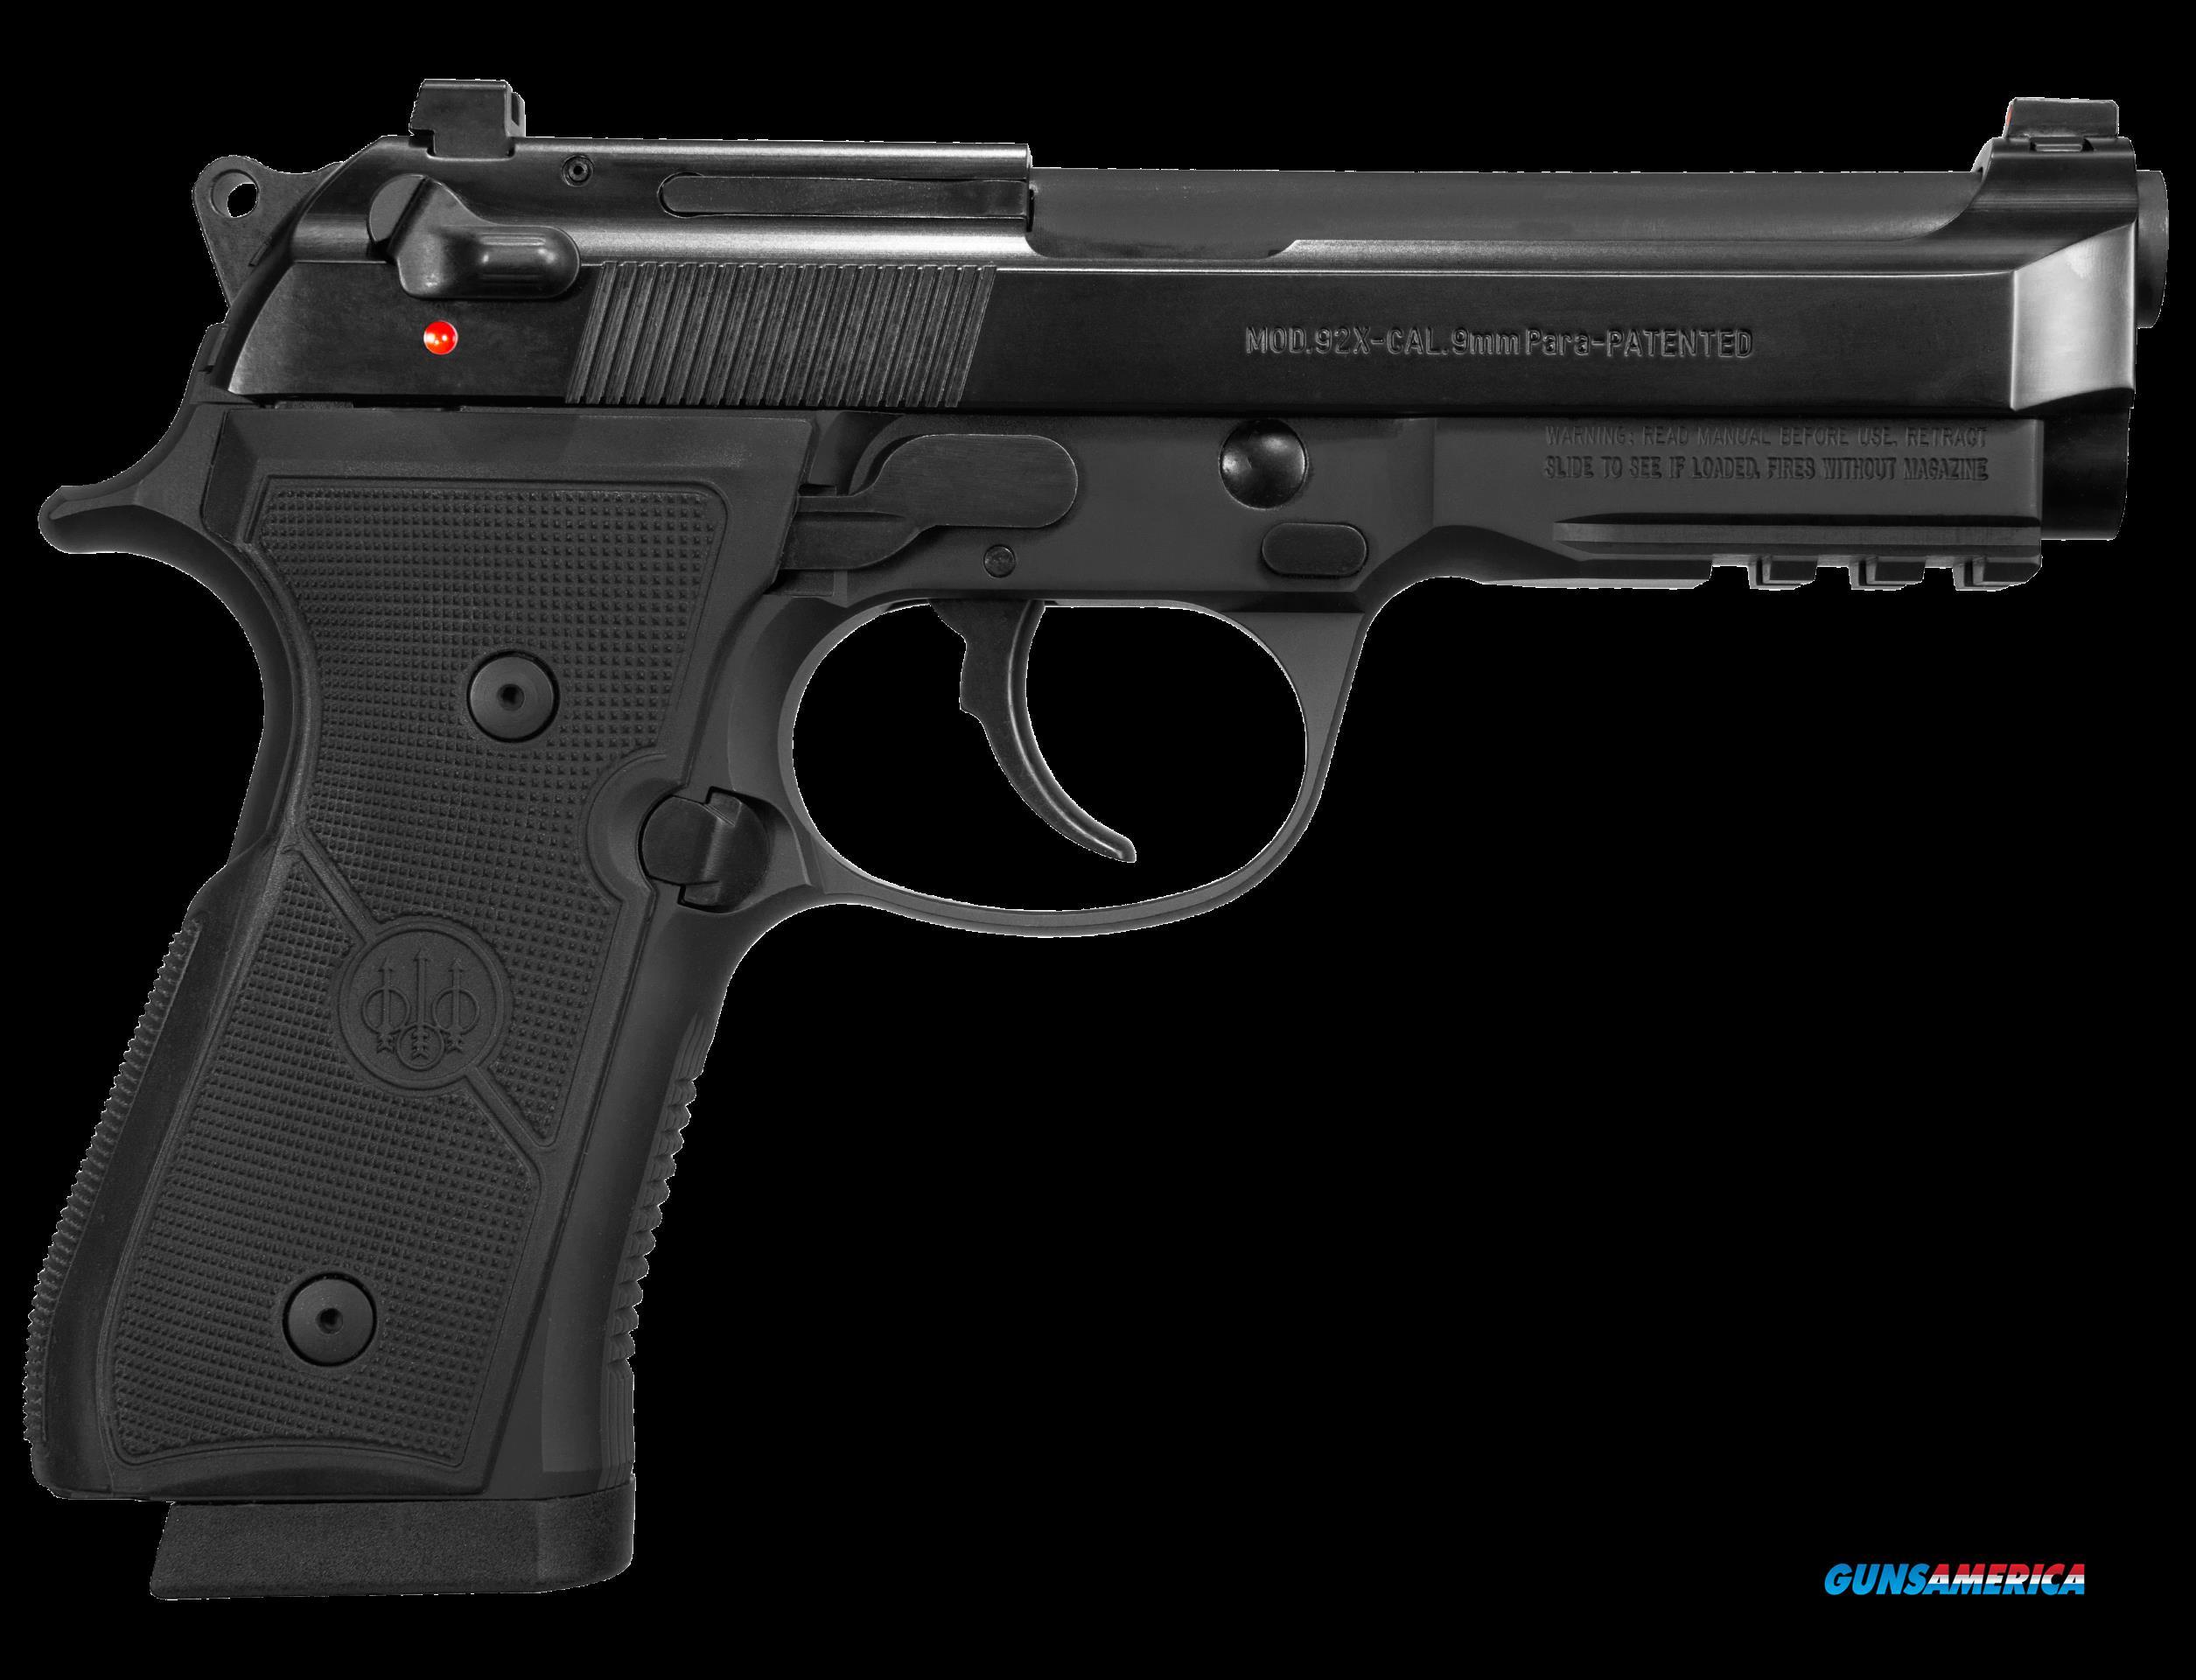 Beretta Usa 92x, Ber J92qr915  92x   9mm Centurion 3-15rd  *usa*  Guns > Pistols > 1911 Pistol Copies (non-Colt)